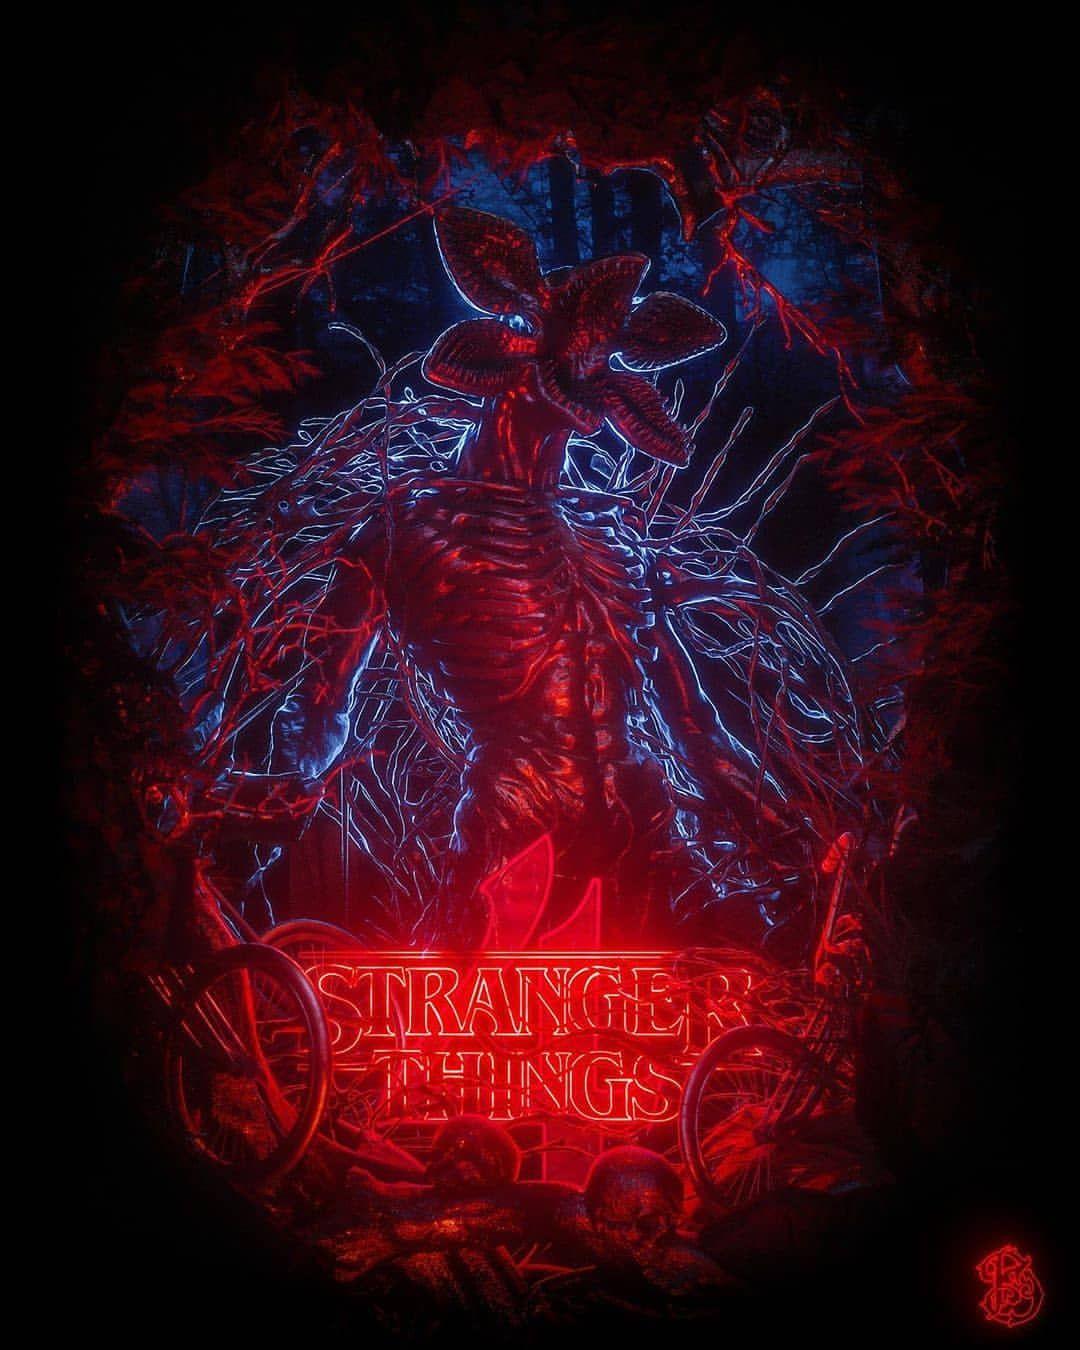 Stranger Things Stranger things artwork, Stranger things